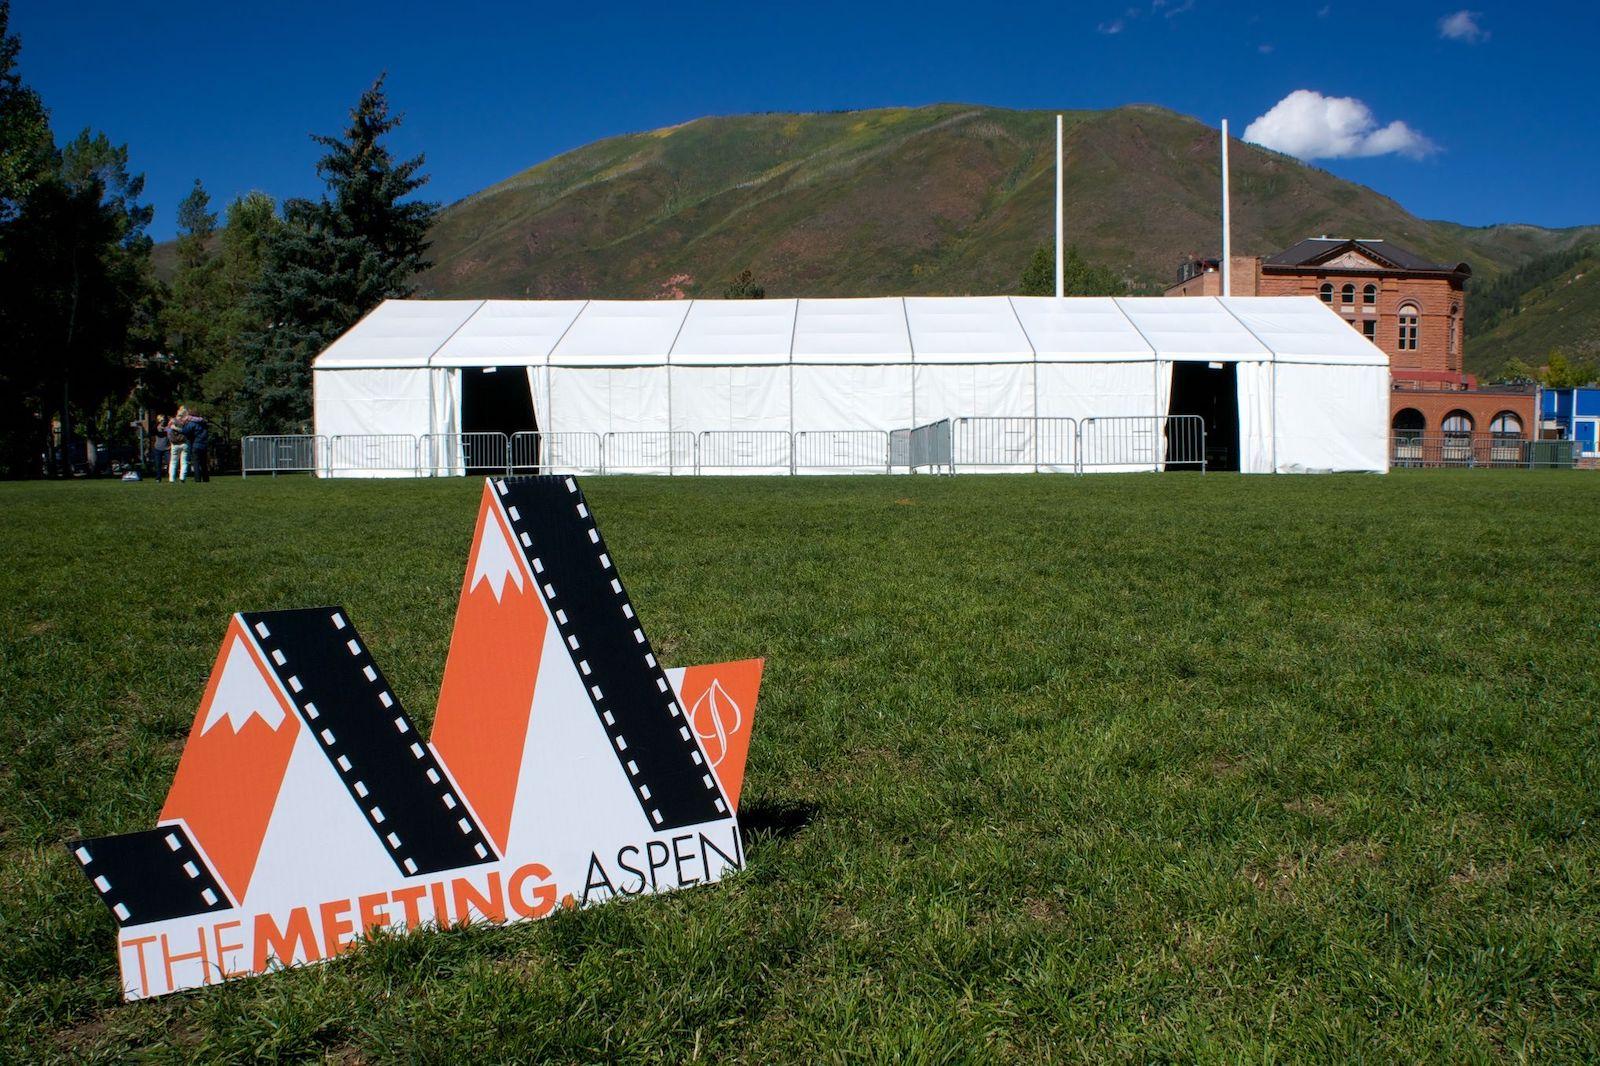 Gambar tanda untuk Pertemuan di Aspen, Colorado